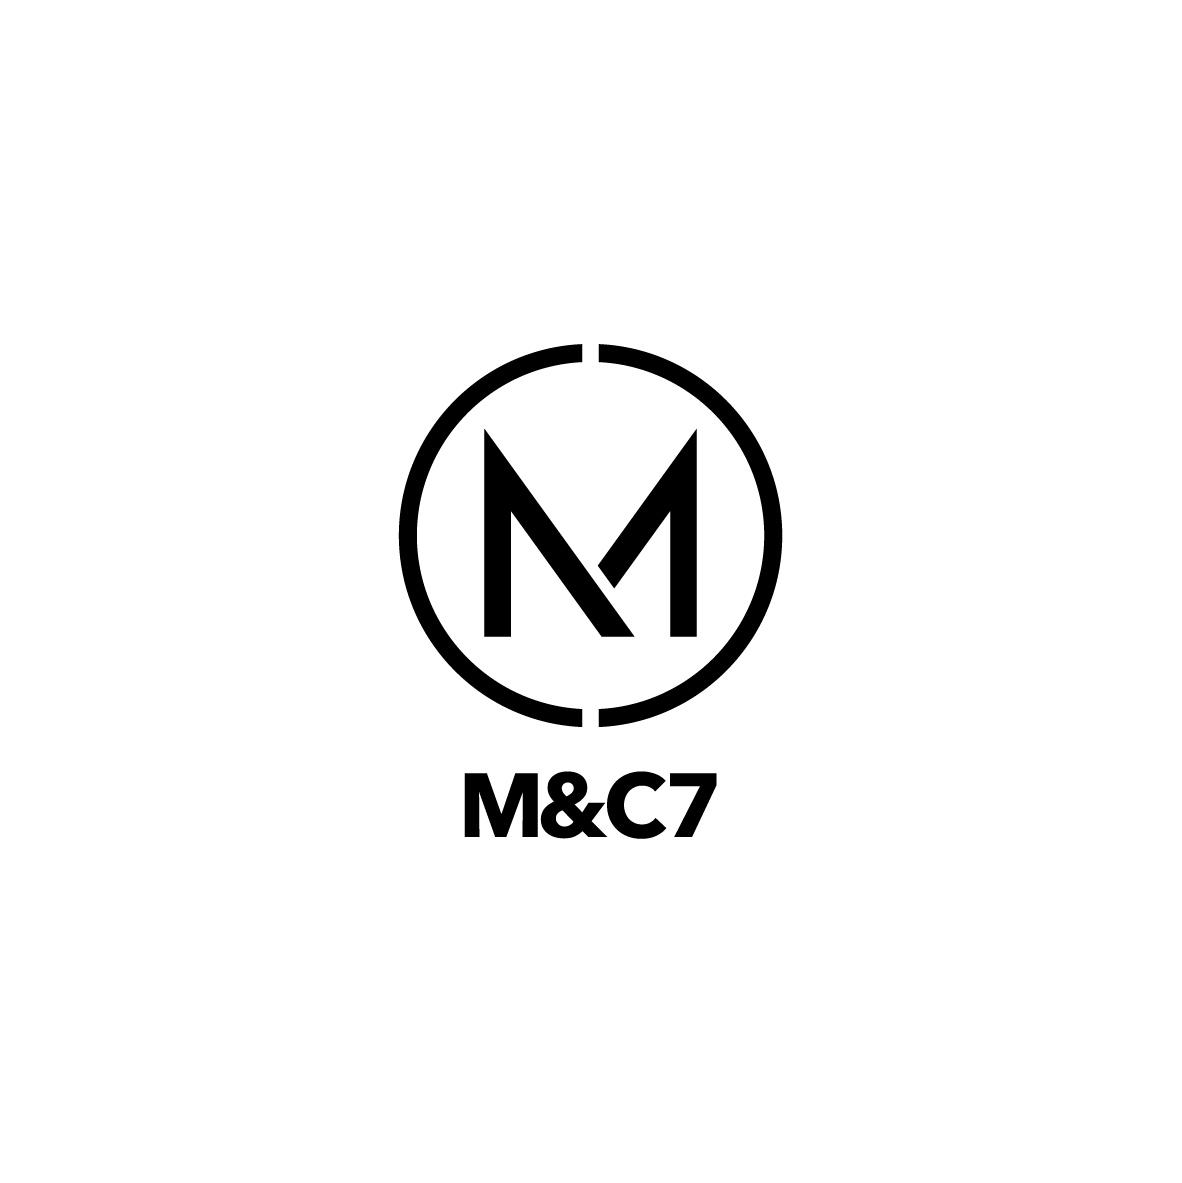 M&C7_Square-05